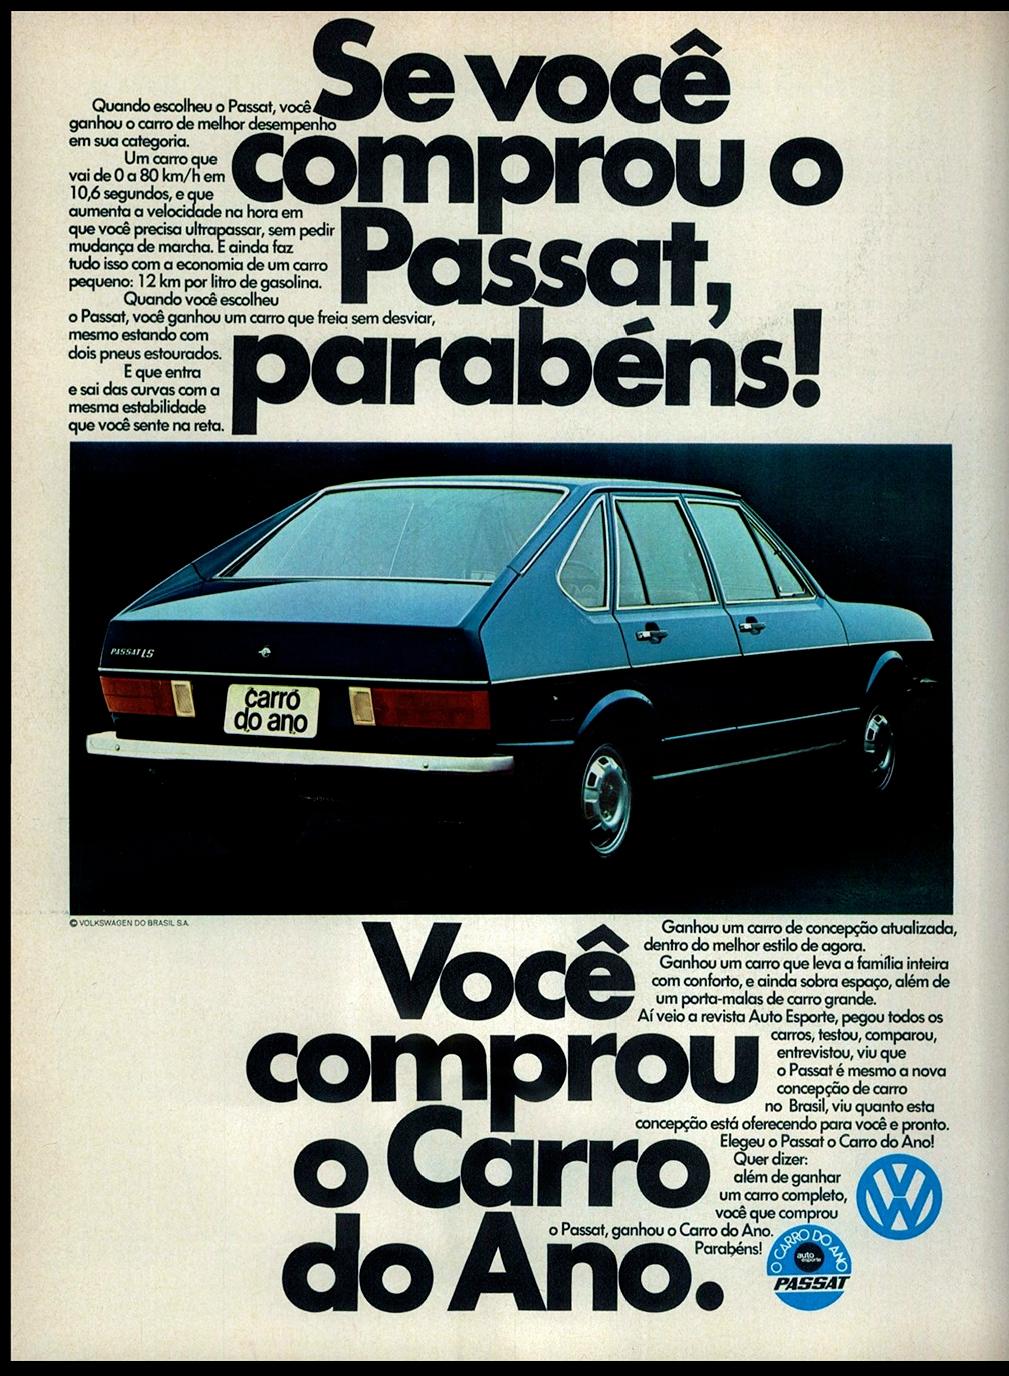 Anúncio antigo da Volkswagen promovendo o Passat como o carro do ano em 1975